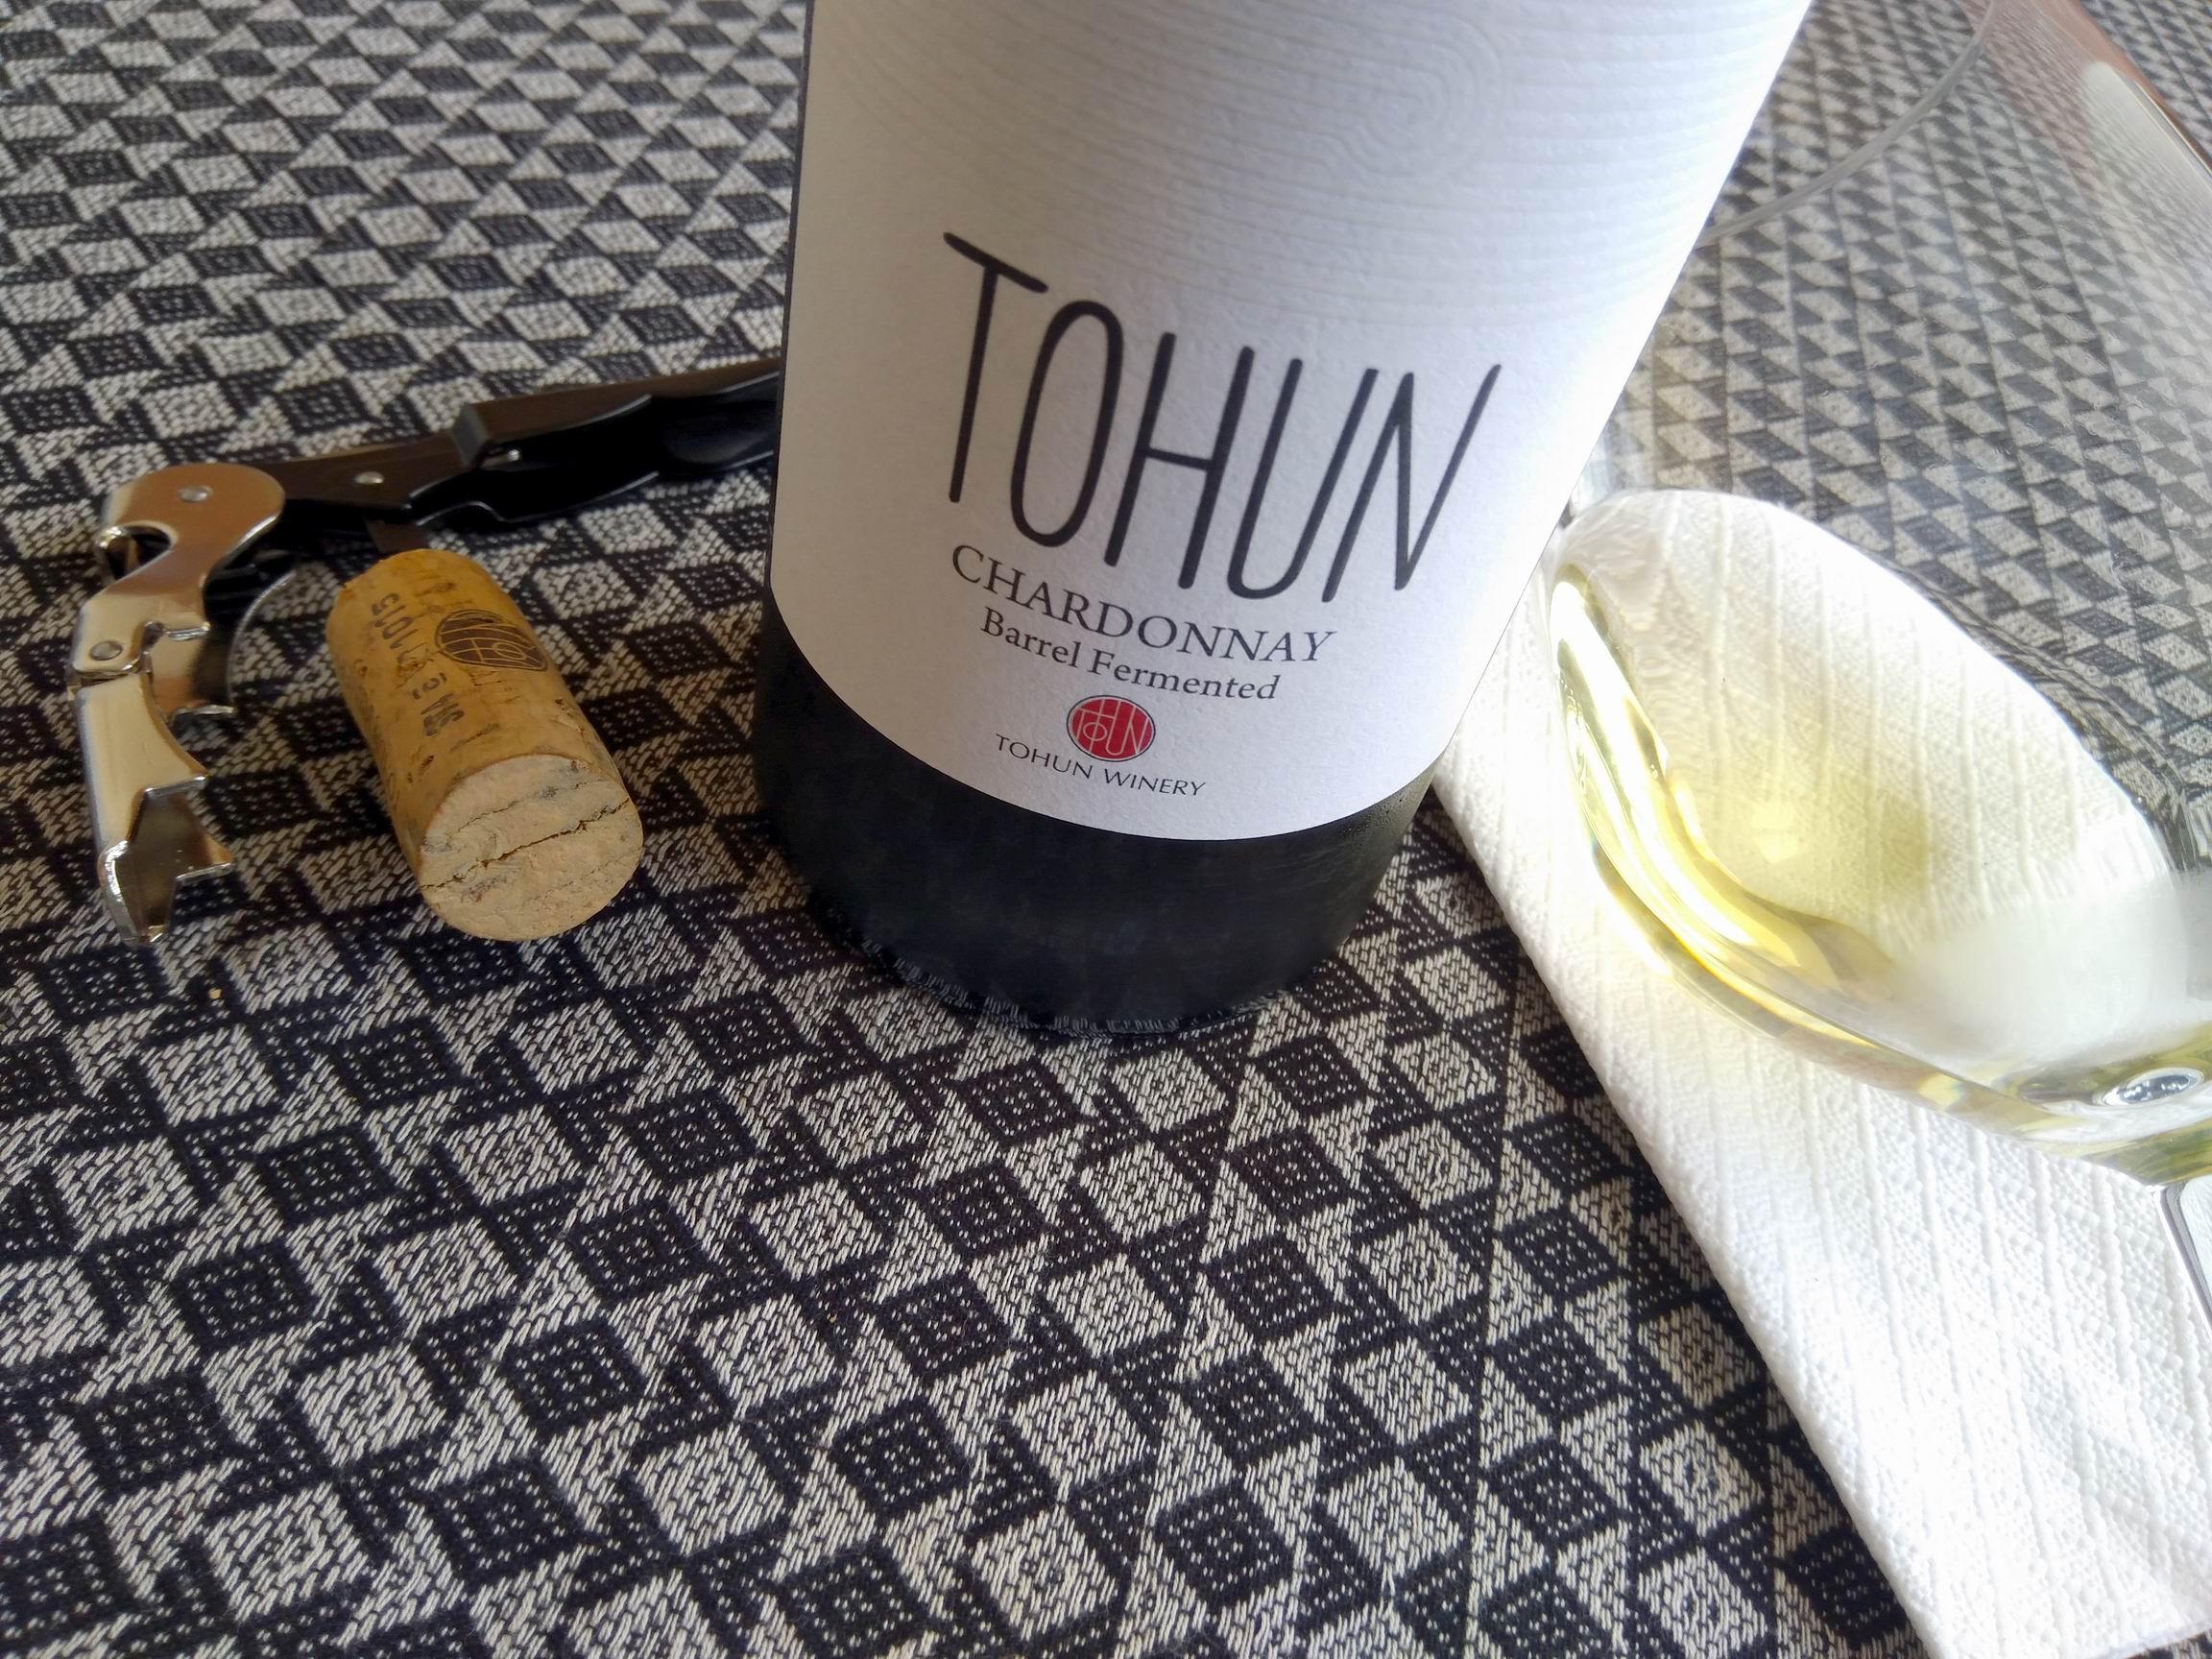 Tohun Chardonnay 2015 – Tohun Winery